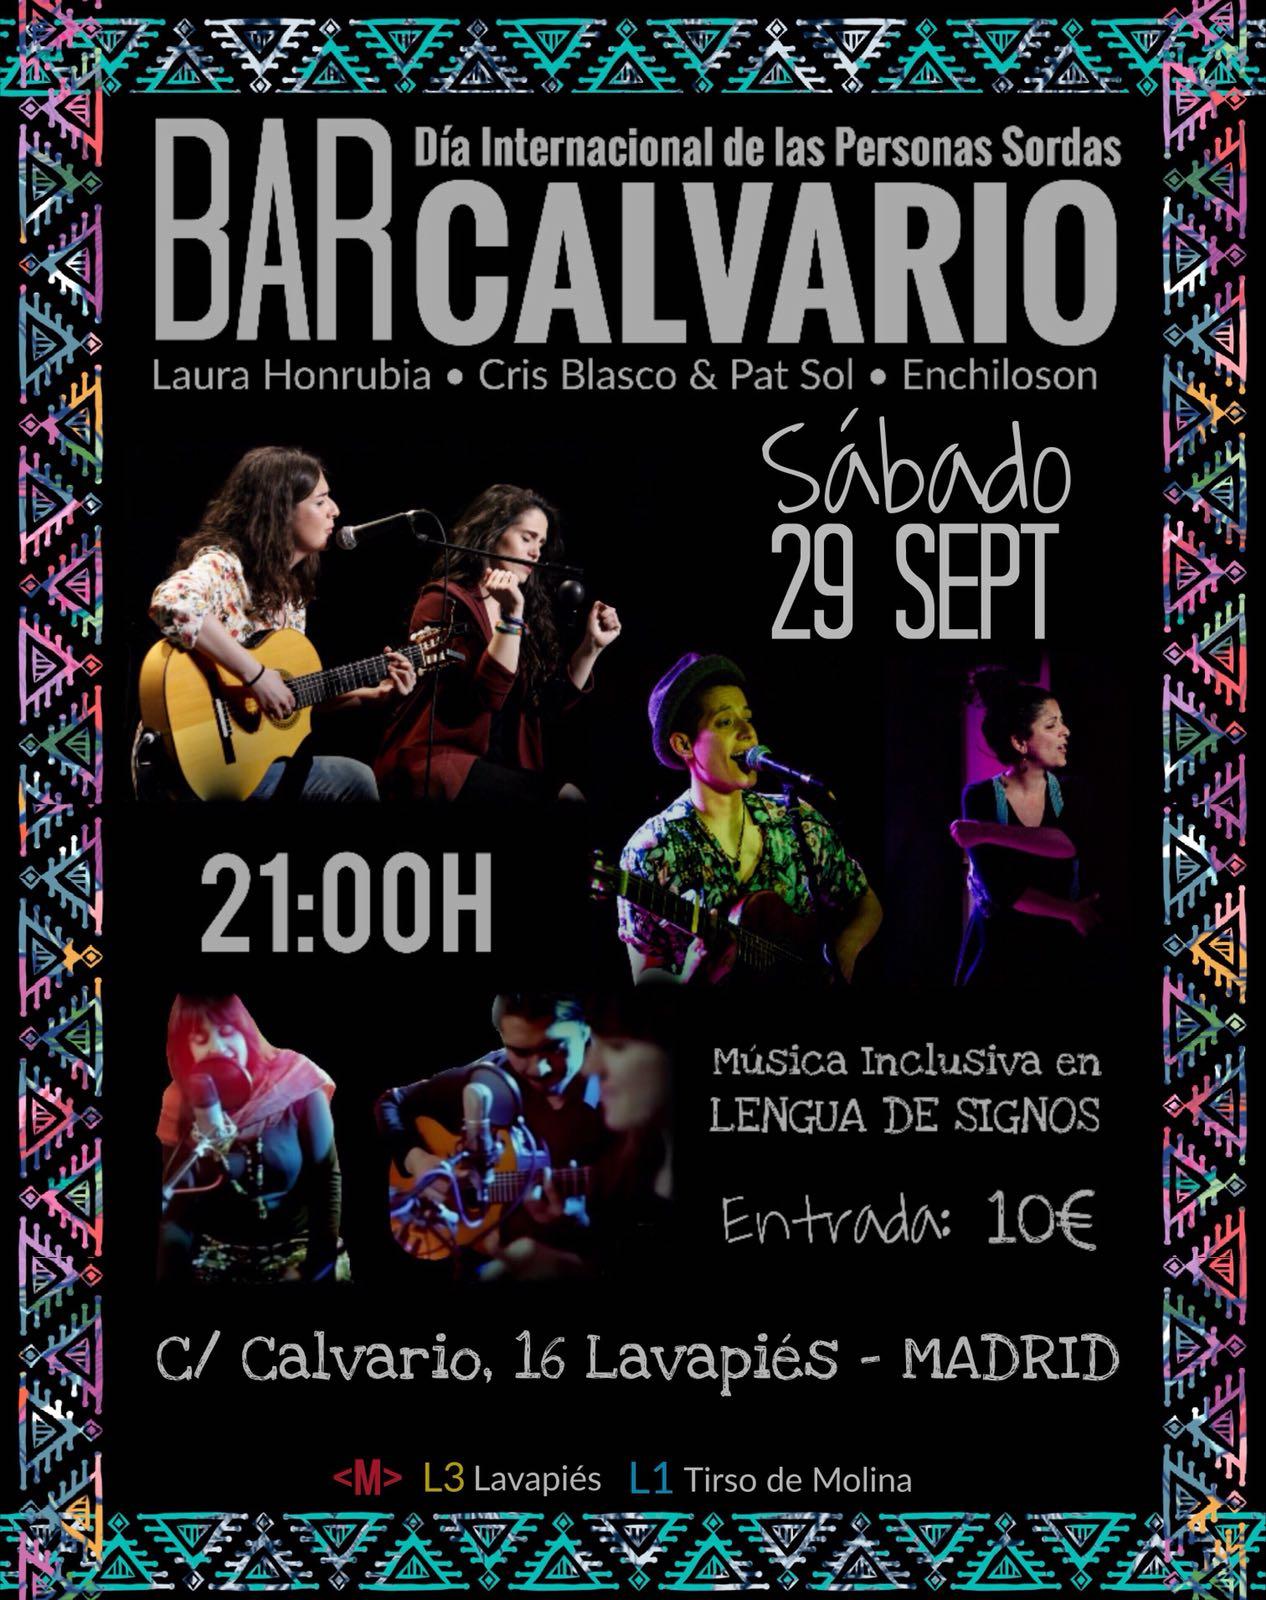 Bar CALVARIO: Música Inclusiva - Día Internacional de las Personas Sordas - 29 sept. Madrid  DnTyGf5XcAAguKX